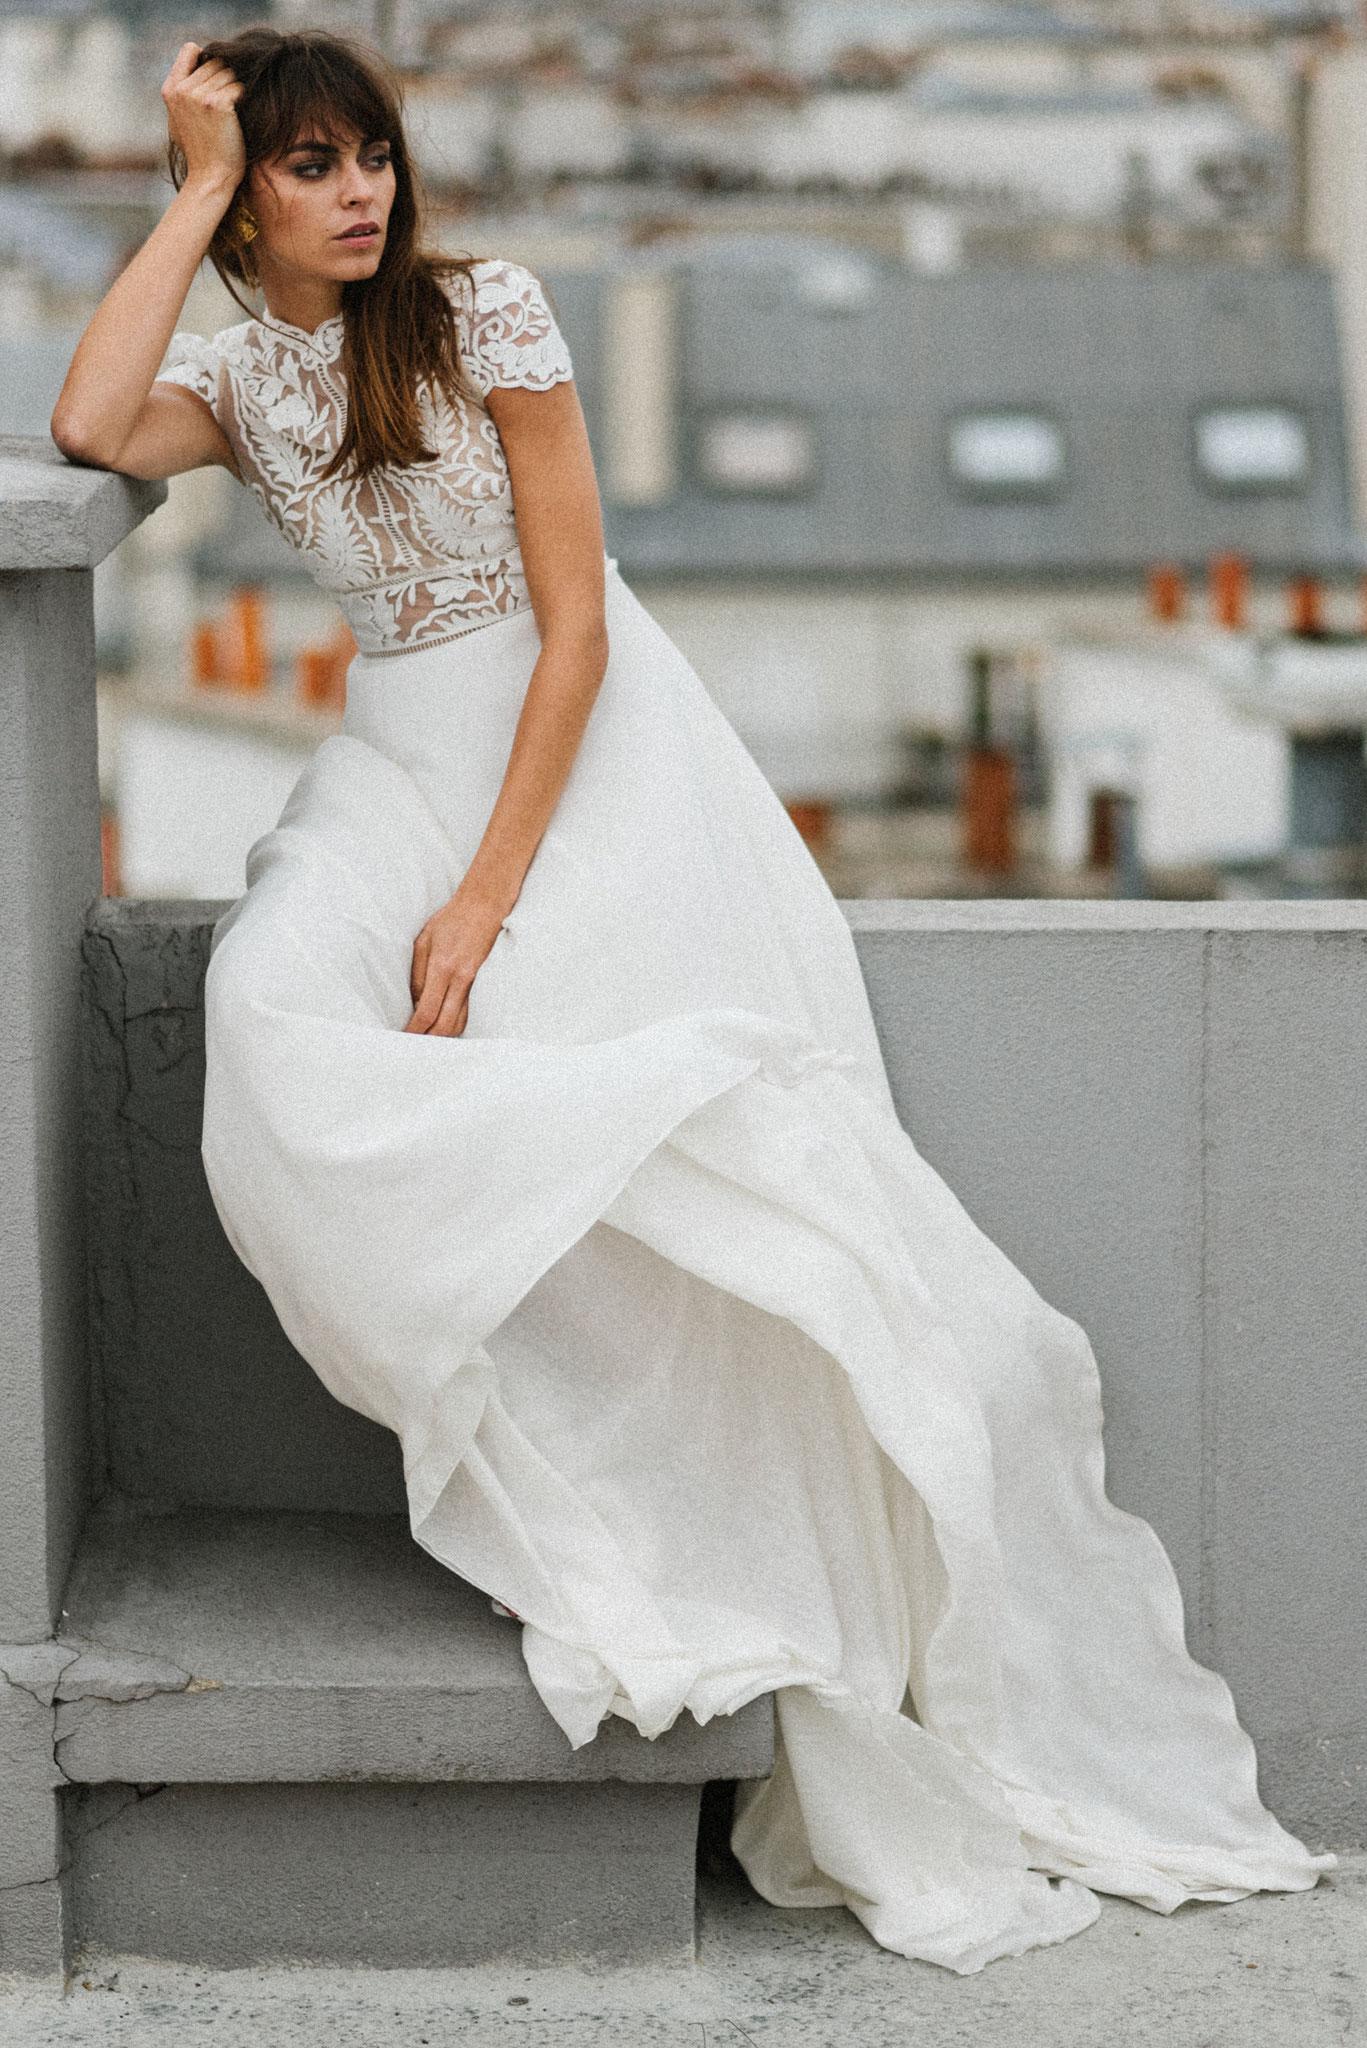 Mademoiselle De Guise - Modèle : Berthe - Crédit : @chloelapeyssonnie